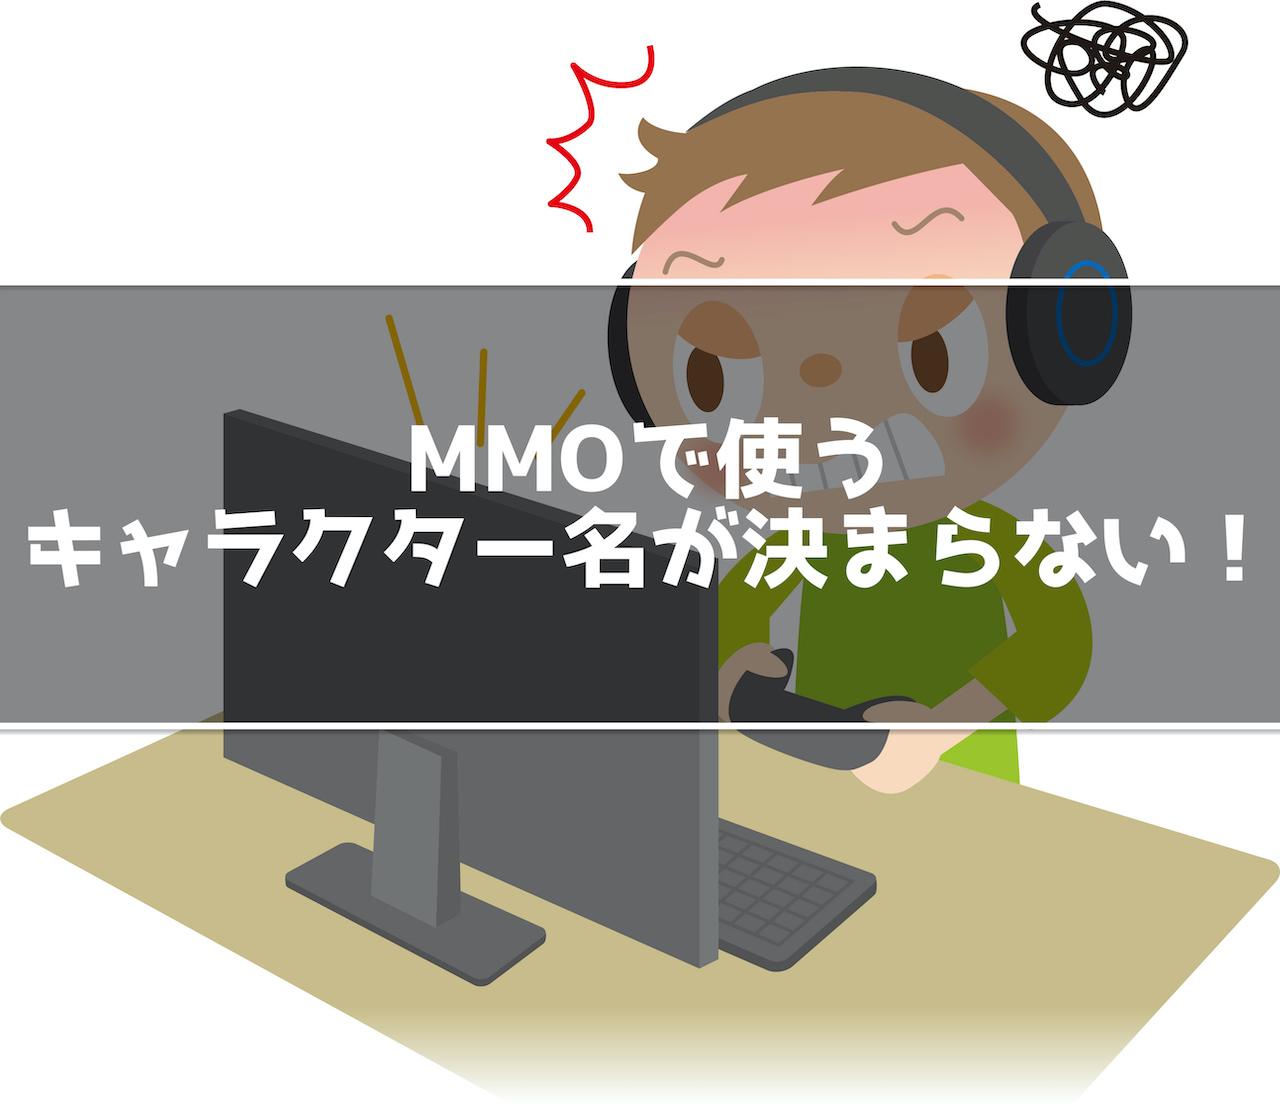 オンラインゲームをする男の子